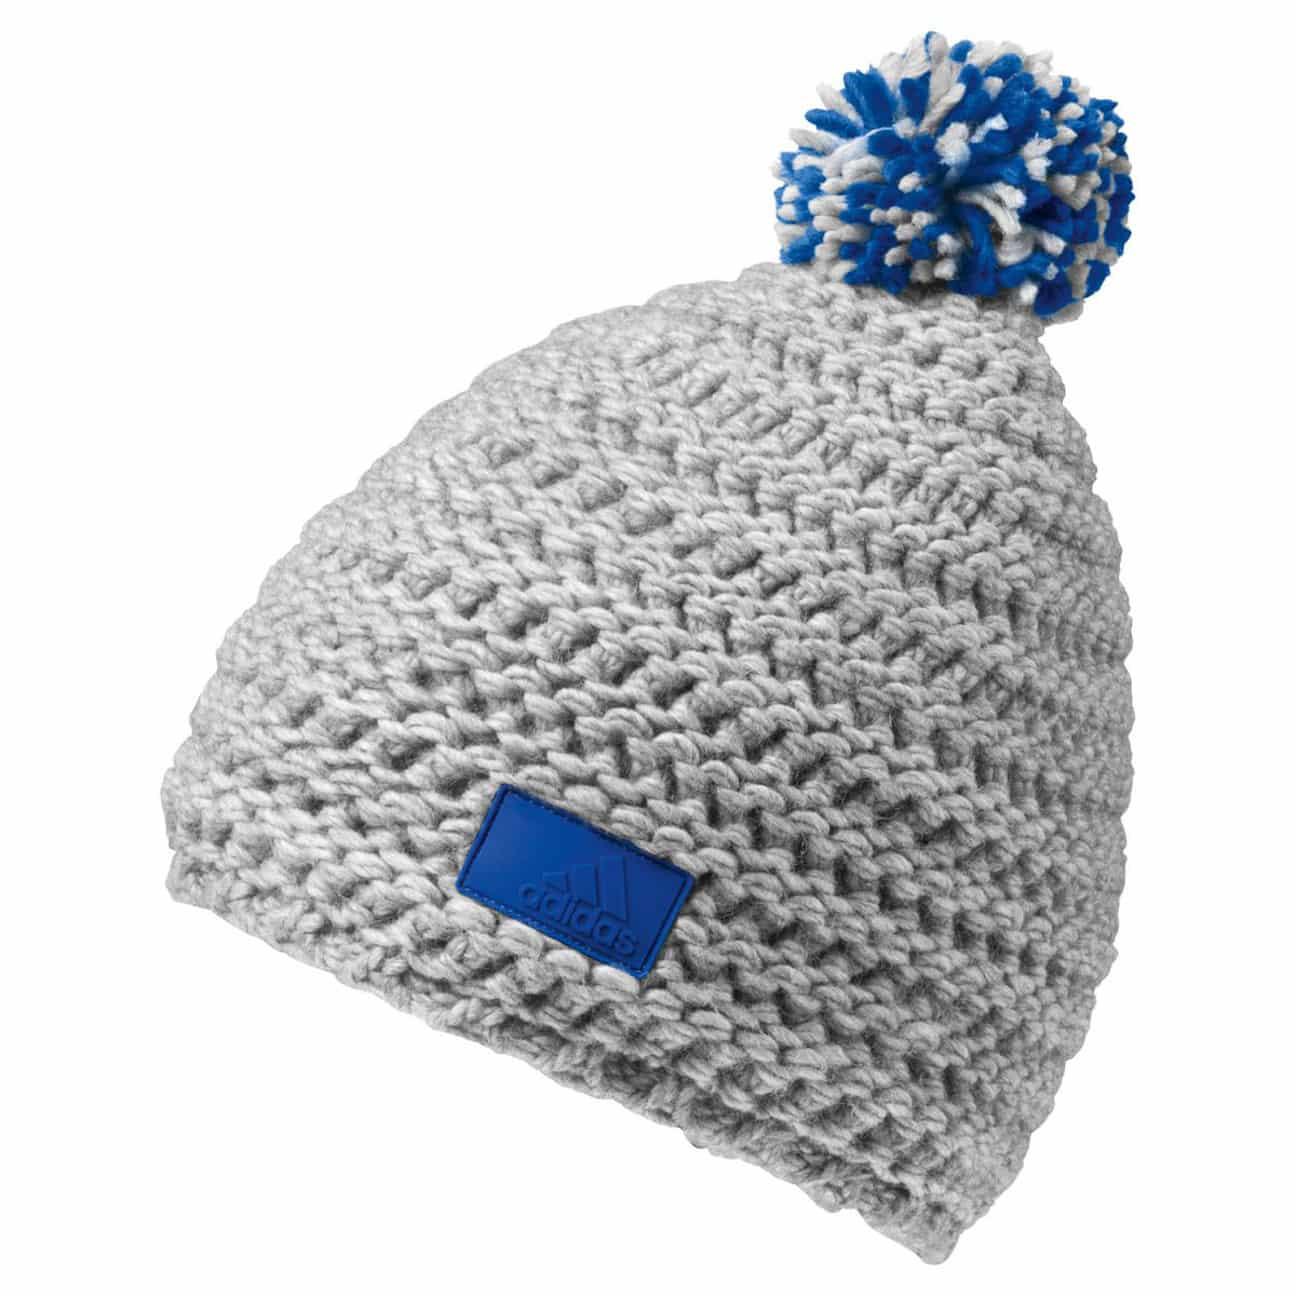 Gorro Wool Crochet Beanie by adidas - Gorros - sombreroshop.es 7c8ad2dc9f5